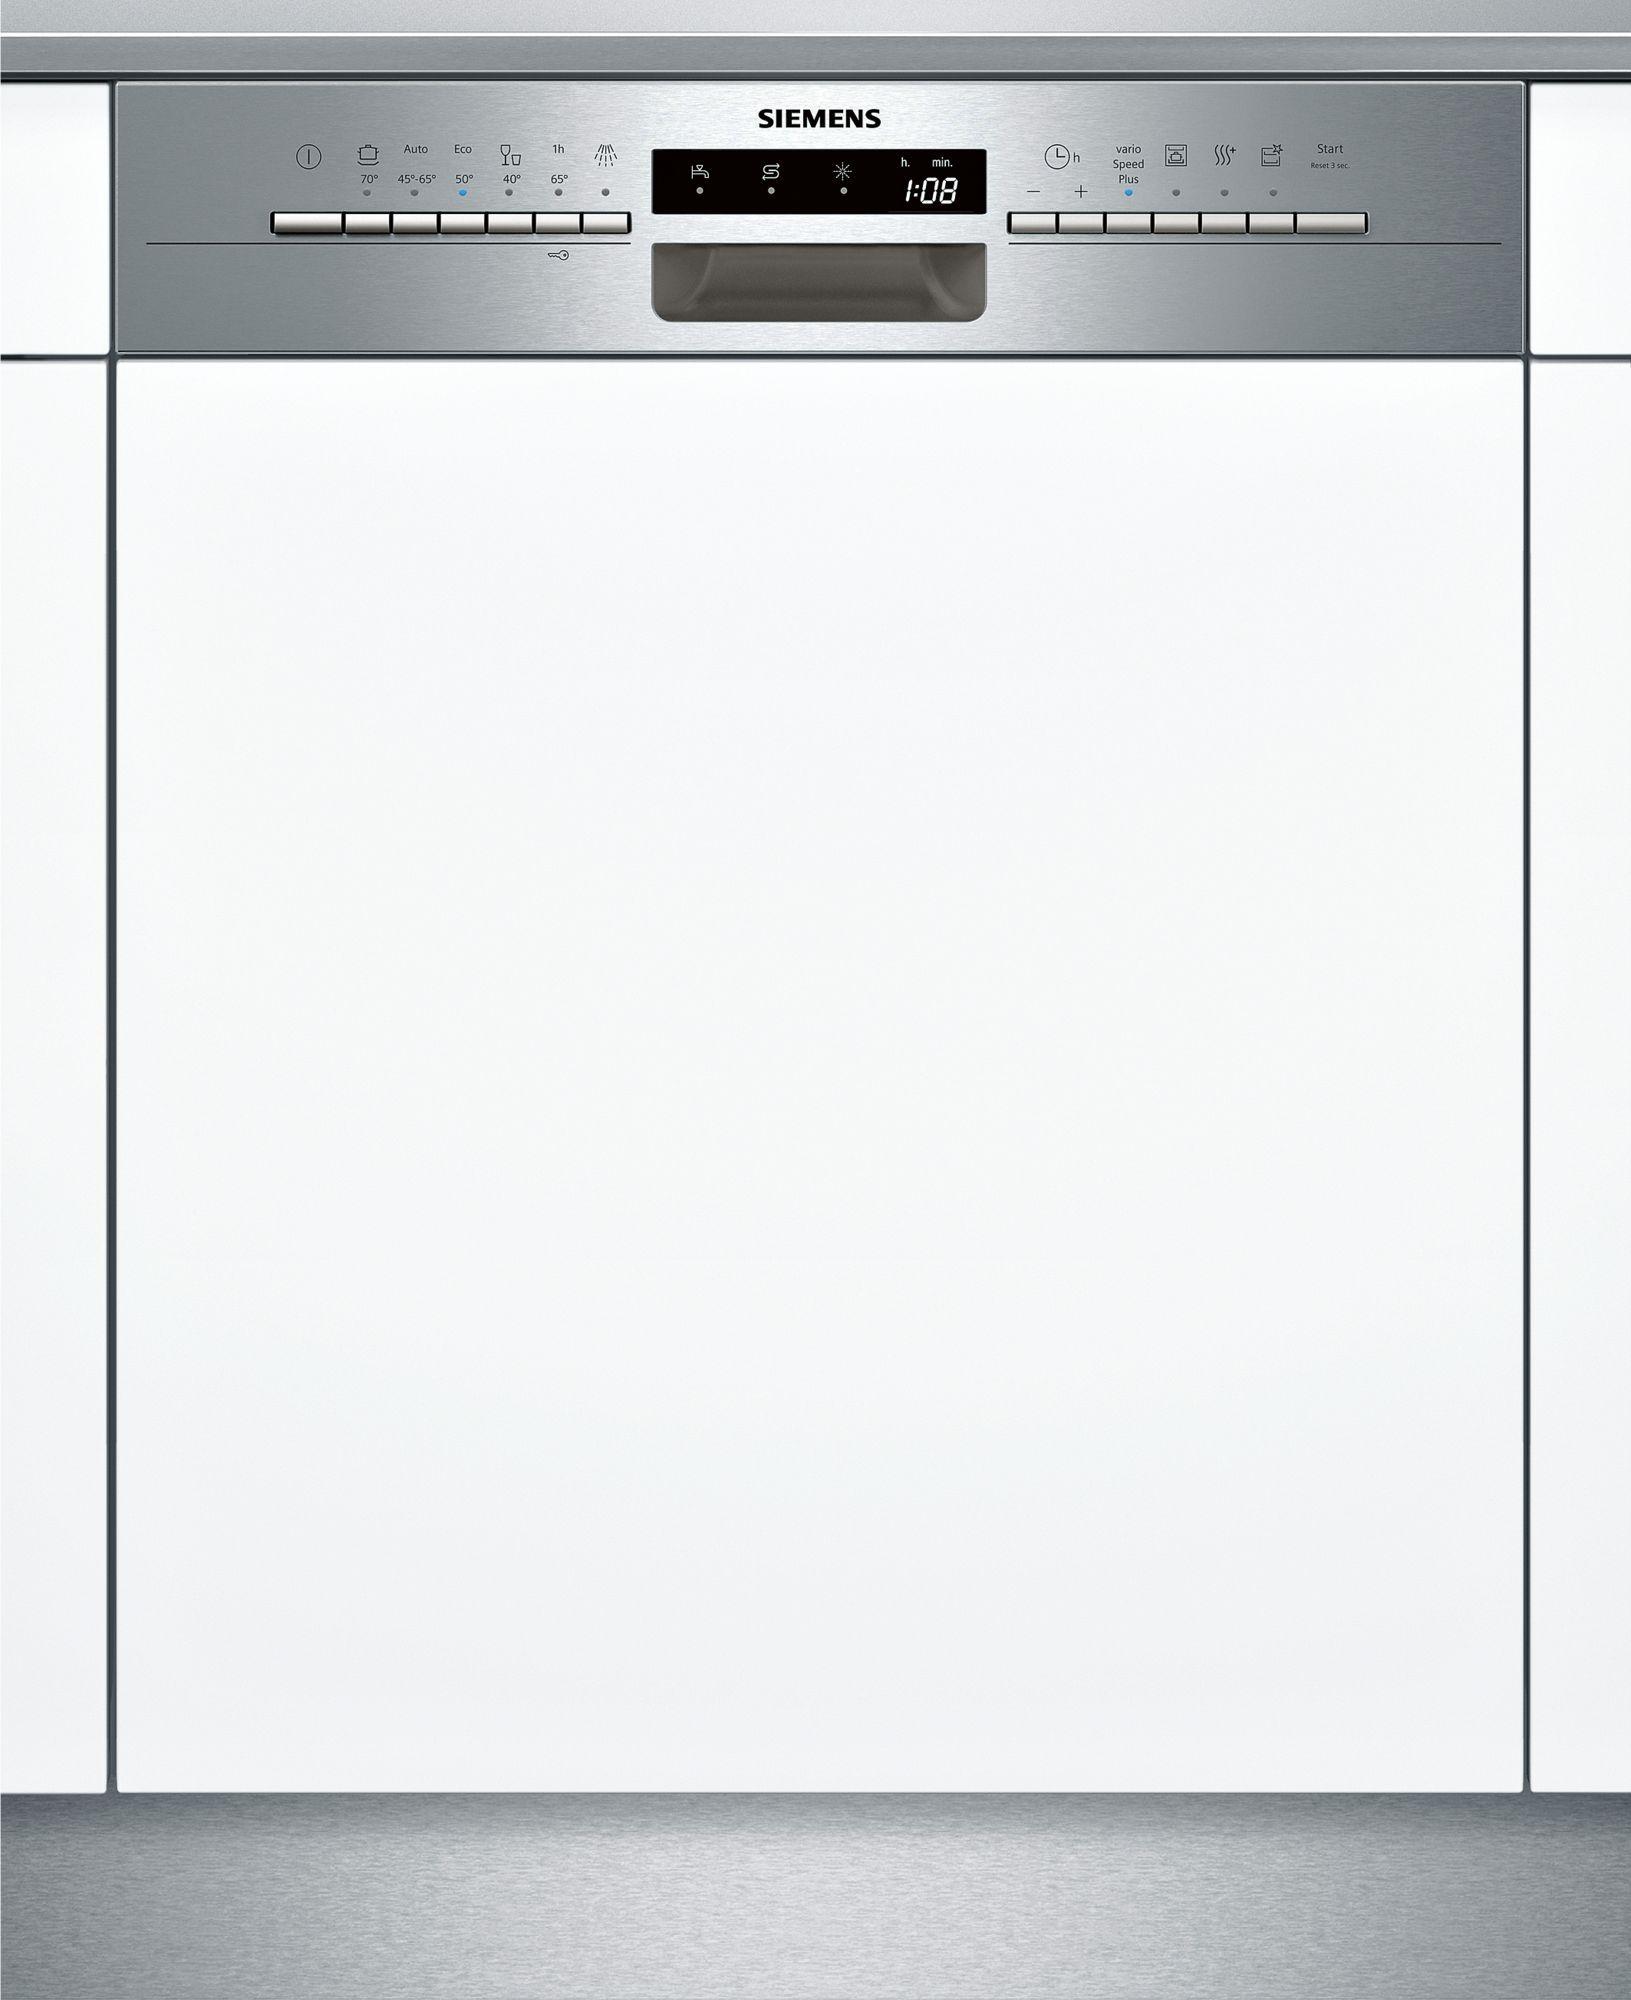 Zmywarka Siemens SN536S03IE Iebūvējamā Trauku mazgājamā mašīna